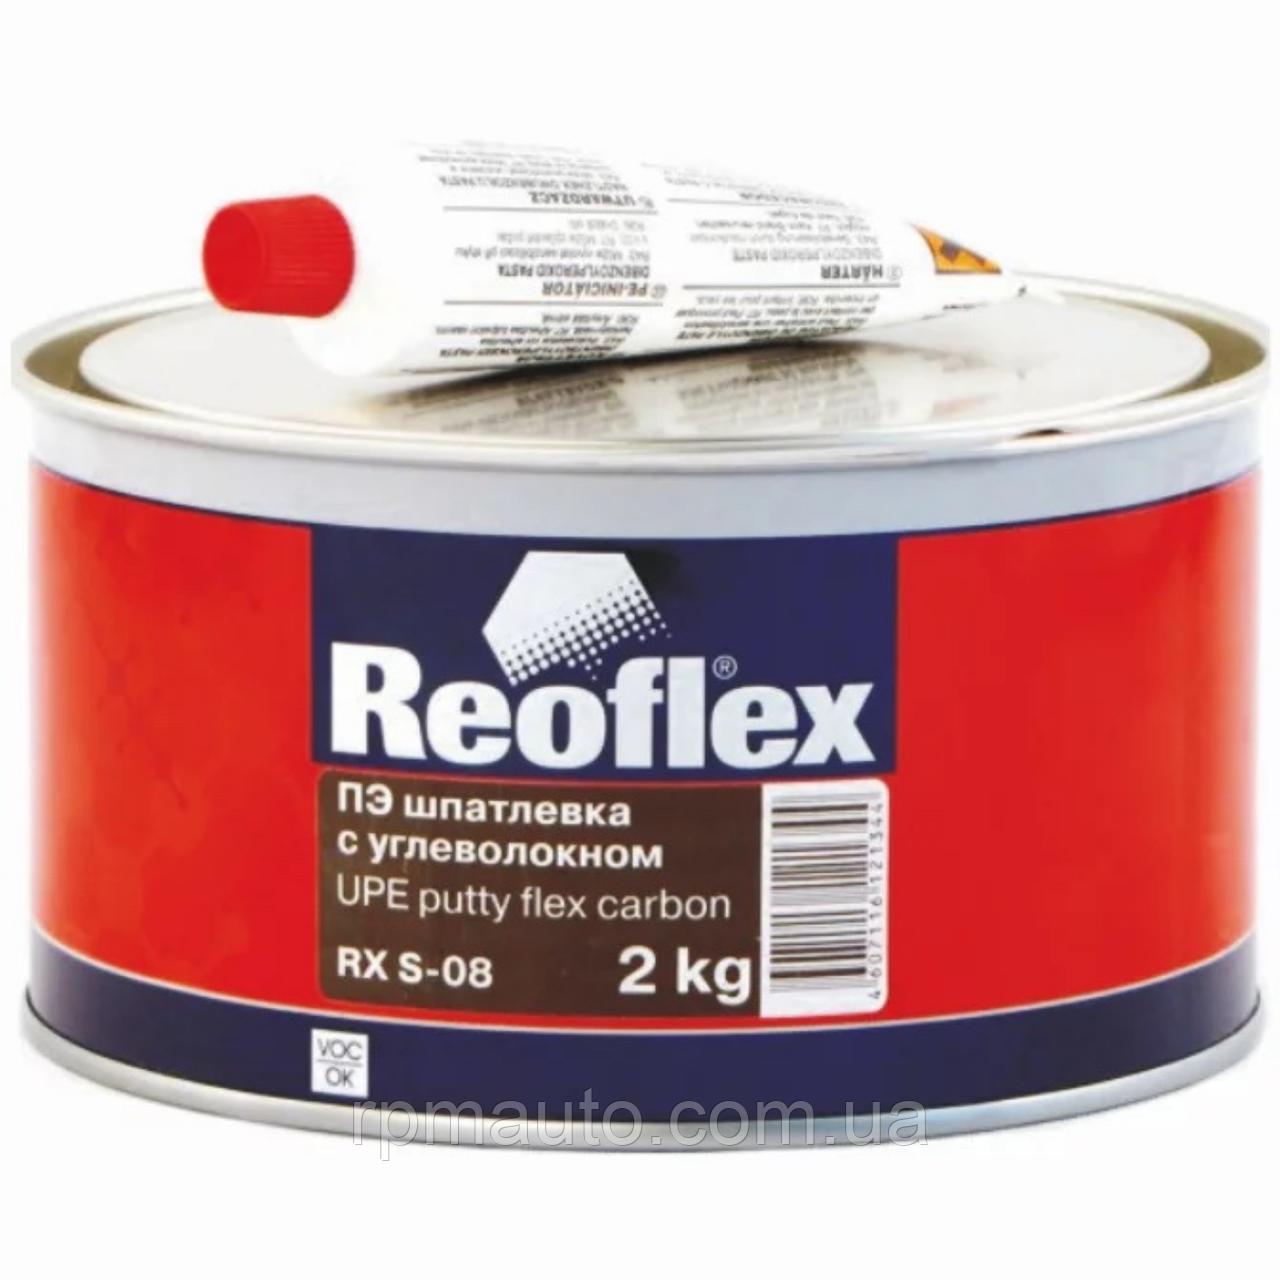 Шпаклівка з Вуглеволокном Наповнює Поліефірна REOFLEX Putty Flex Carbon RX S-08 Шпаклівка для Авто